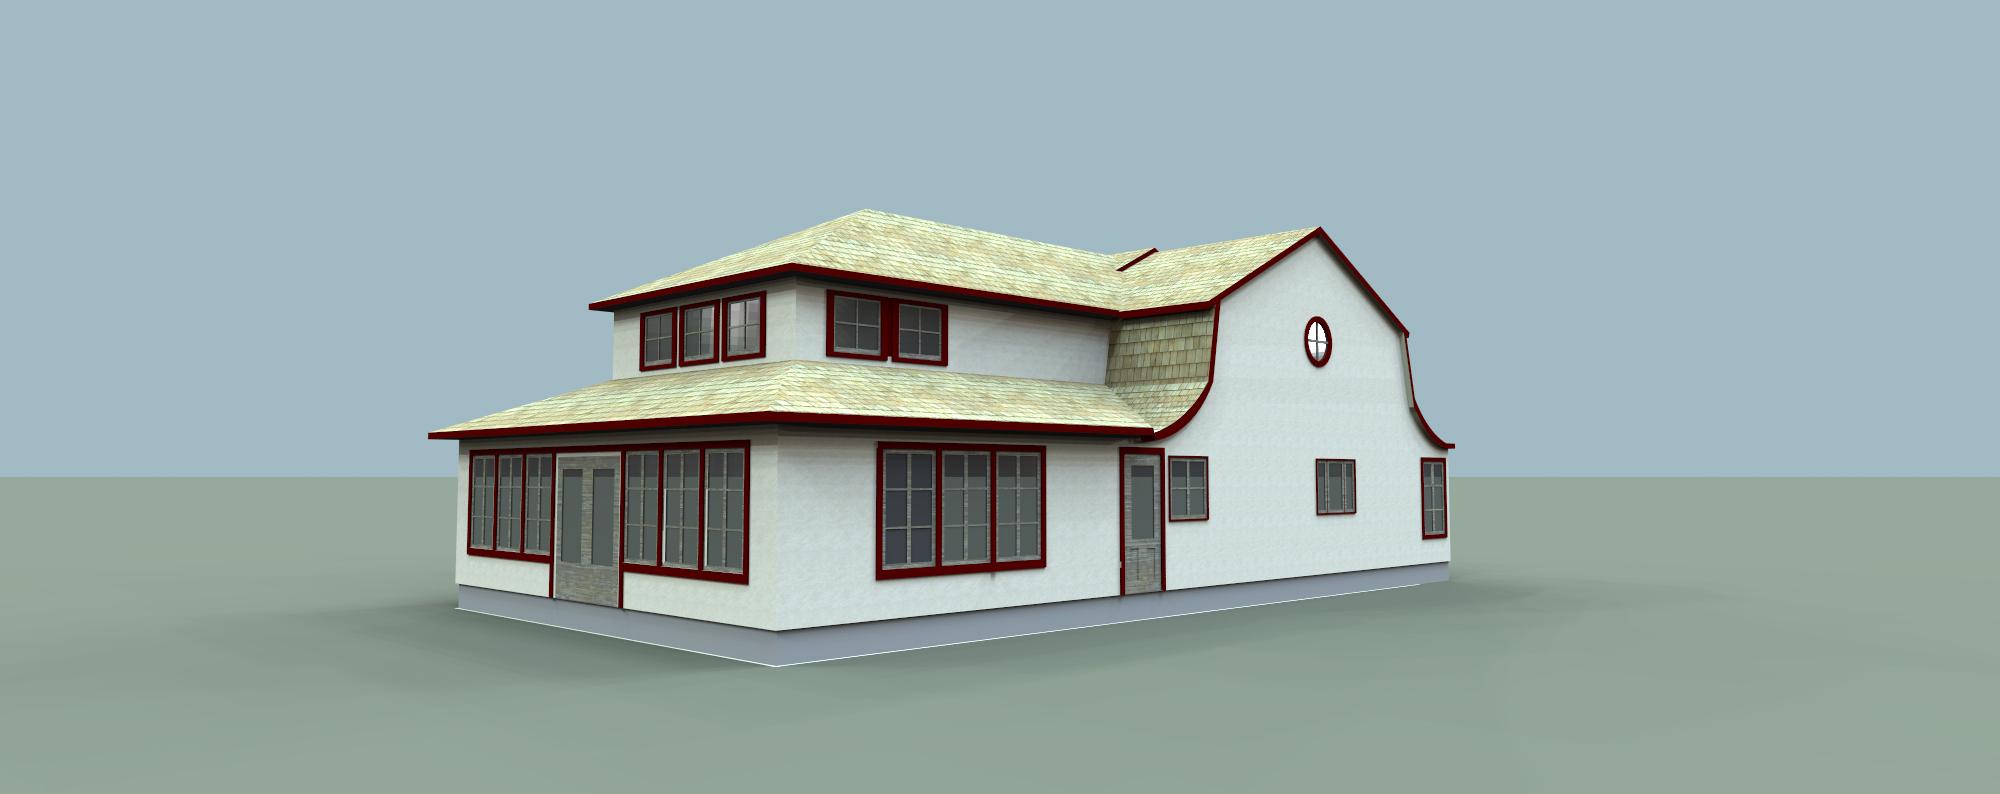 Maison Simons - Modélisation 3D.